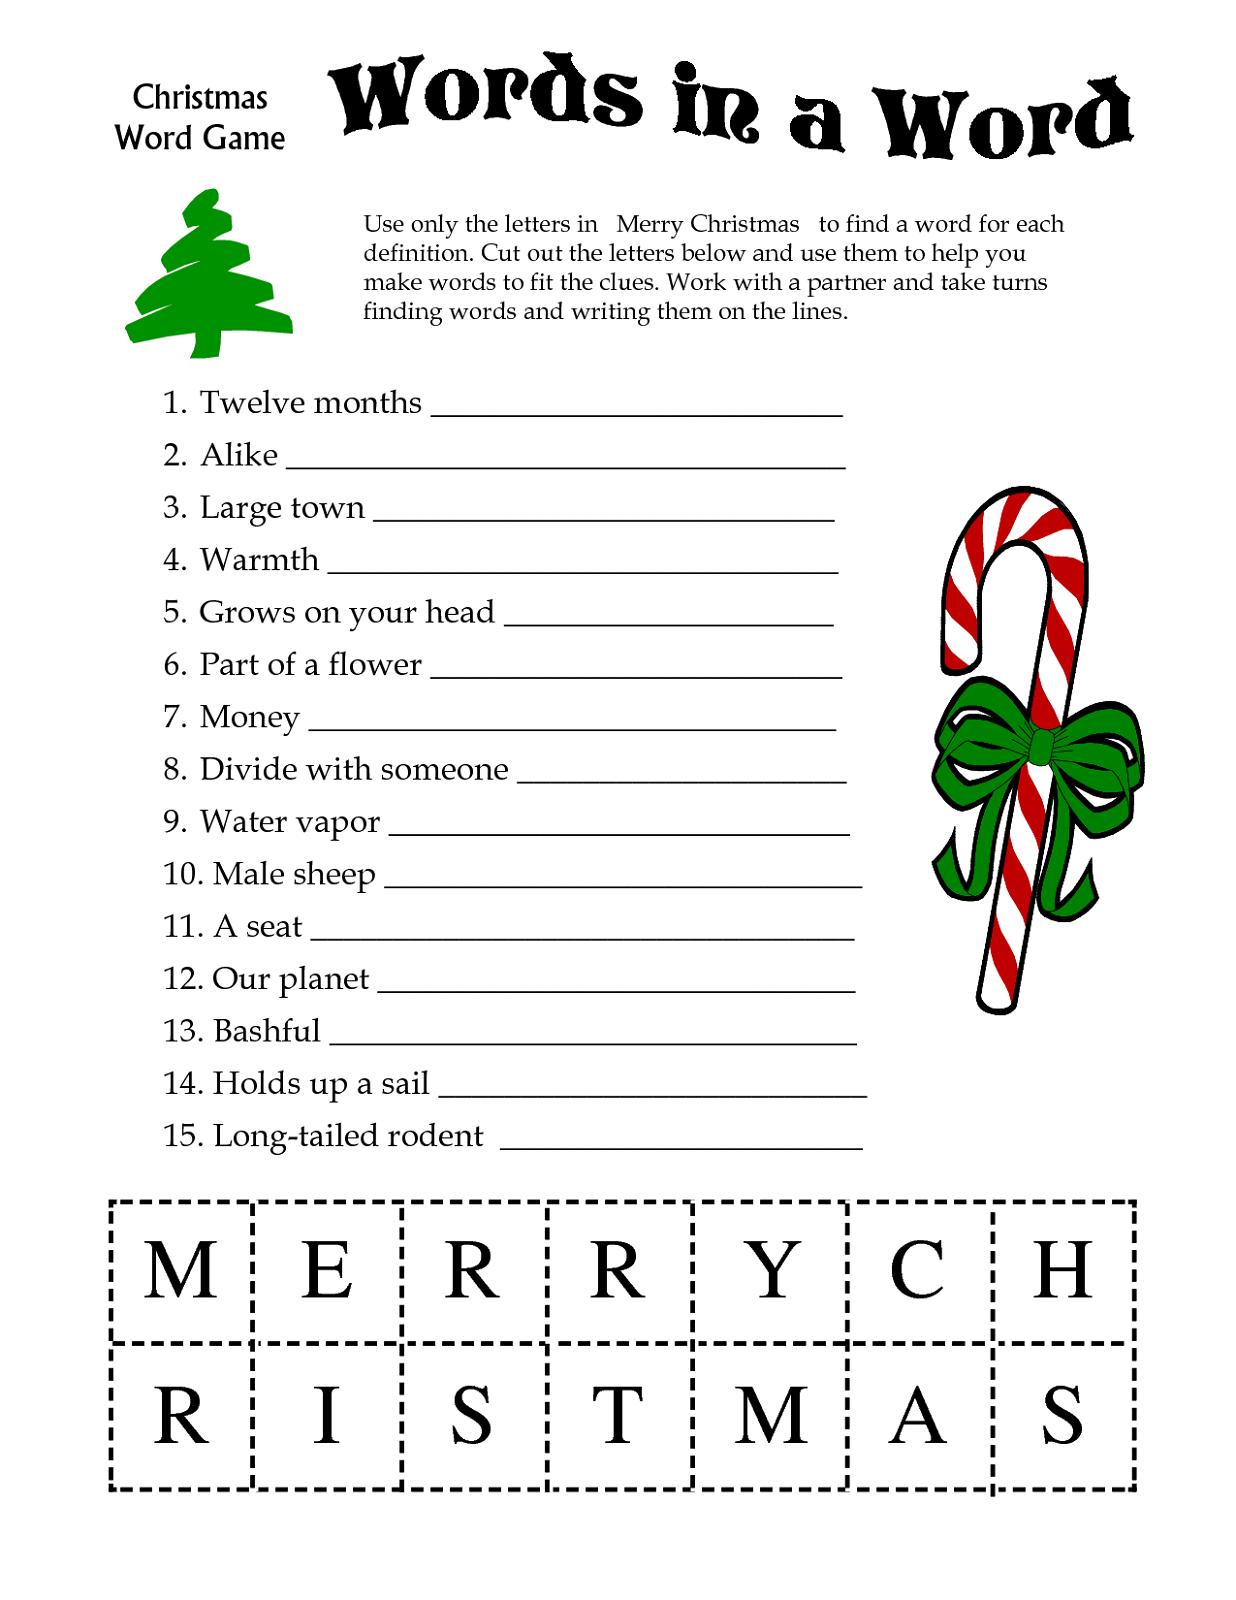 Free Printable Games For Adults Printable Christmas Games Christmas Games For Kids Christmas Words